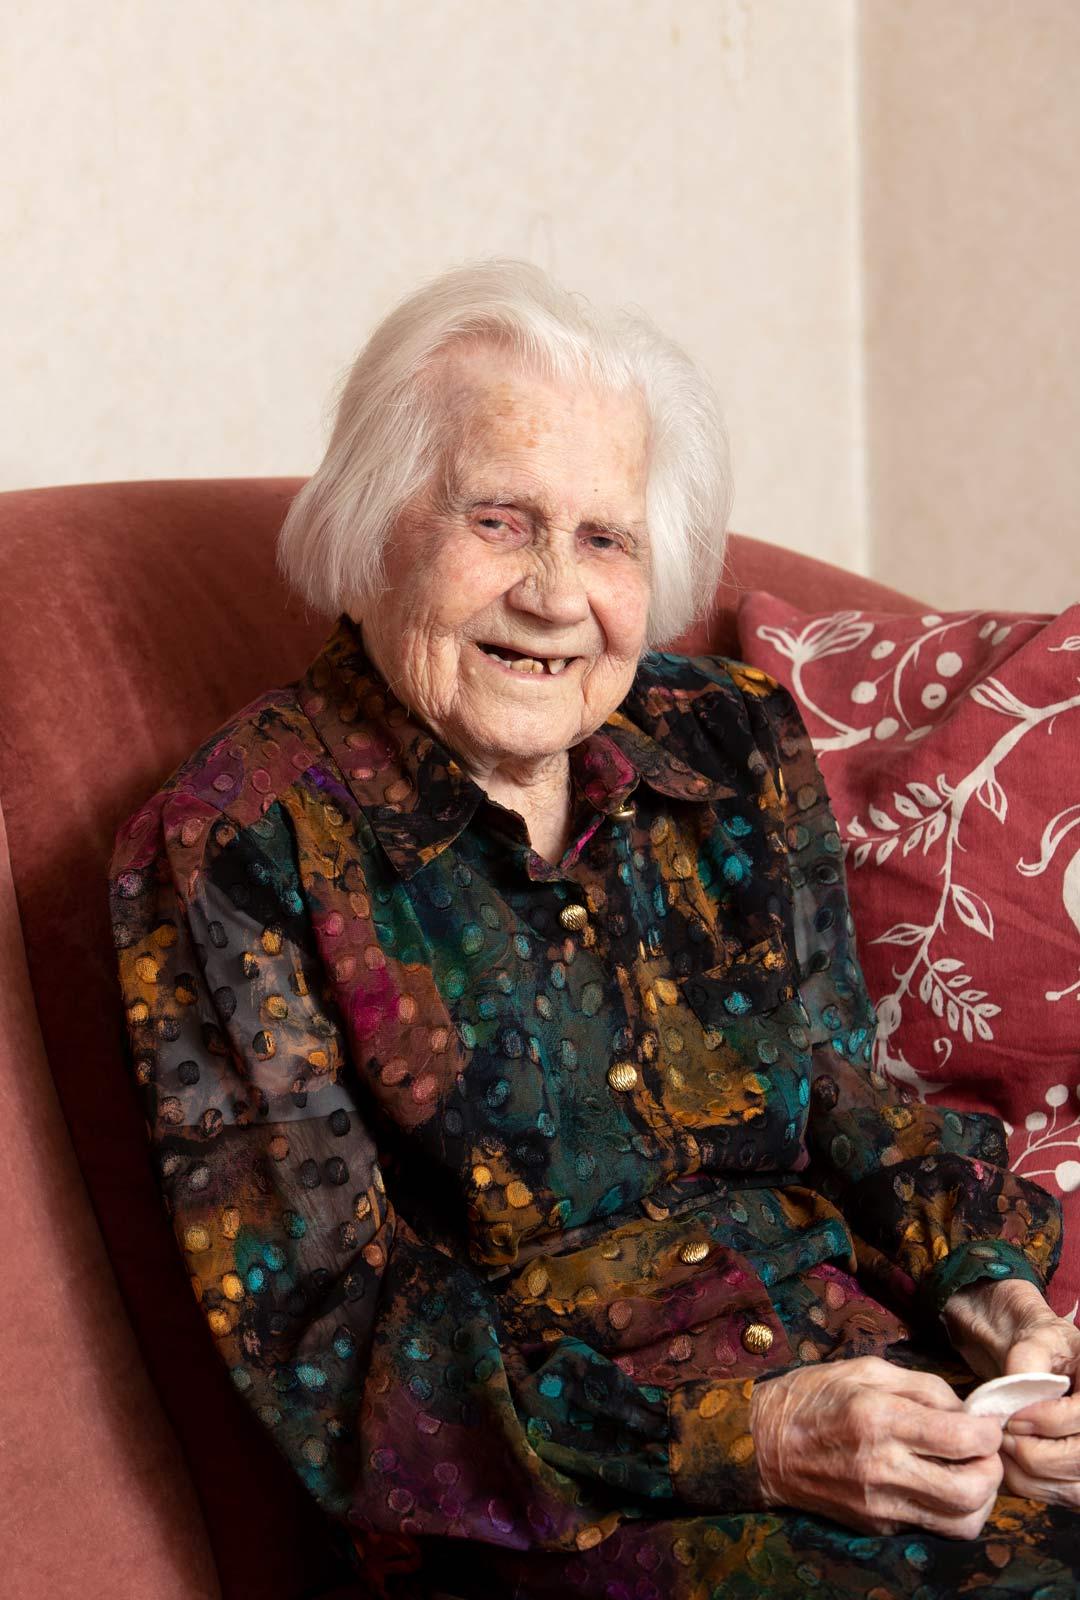 Saima on varsinainen teräsrouva, joka uskoo, että pitkän iän salaisuus löytyy ravinnosta.